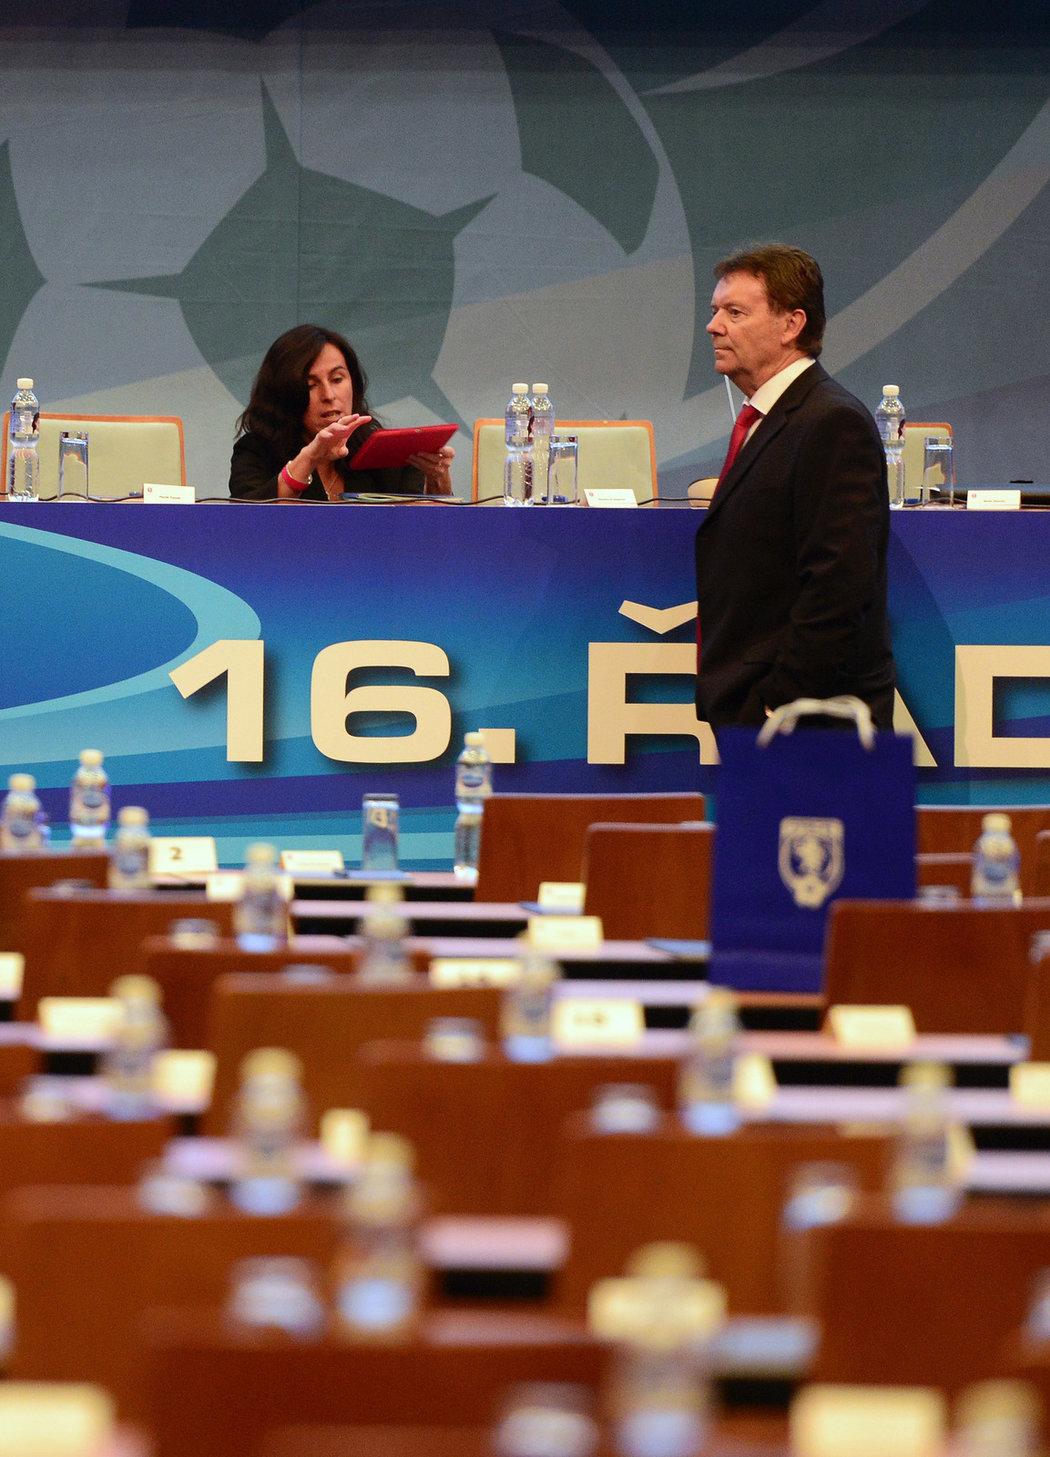 2014. Dagmar Damková a její partner Roman Berbr na Valné hromadě FAČR...